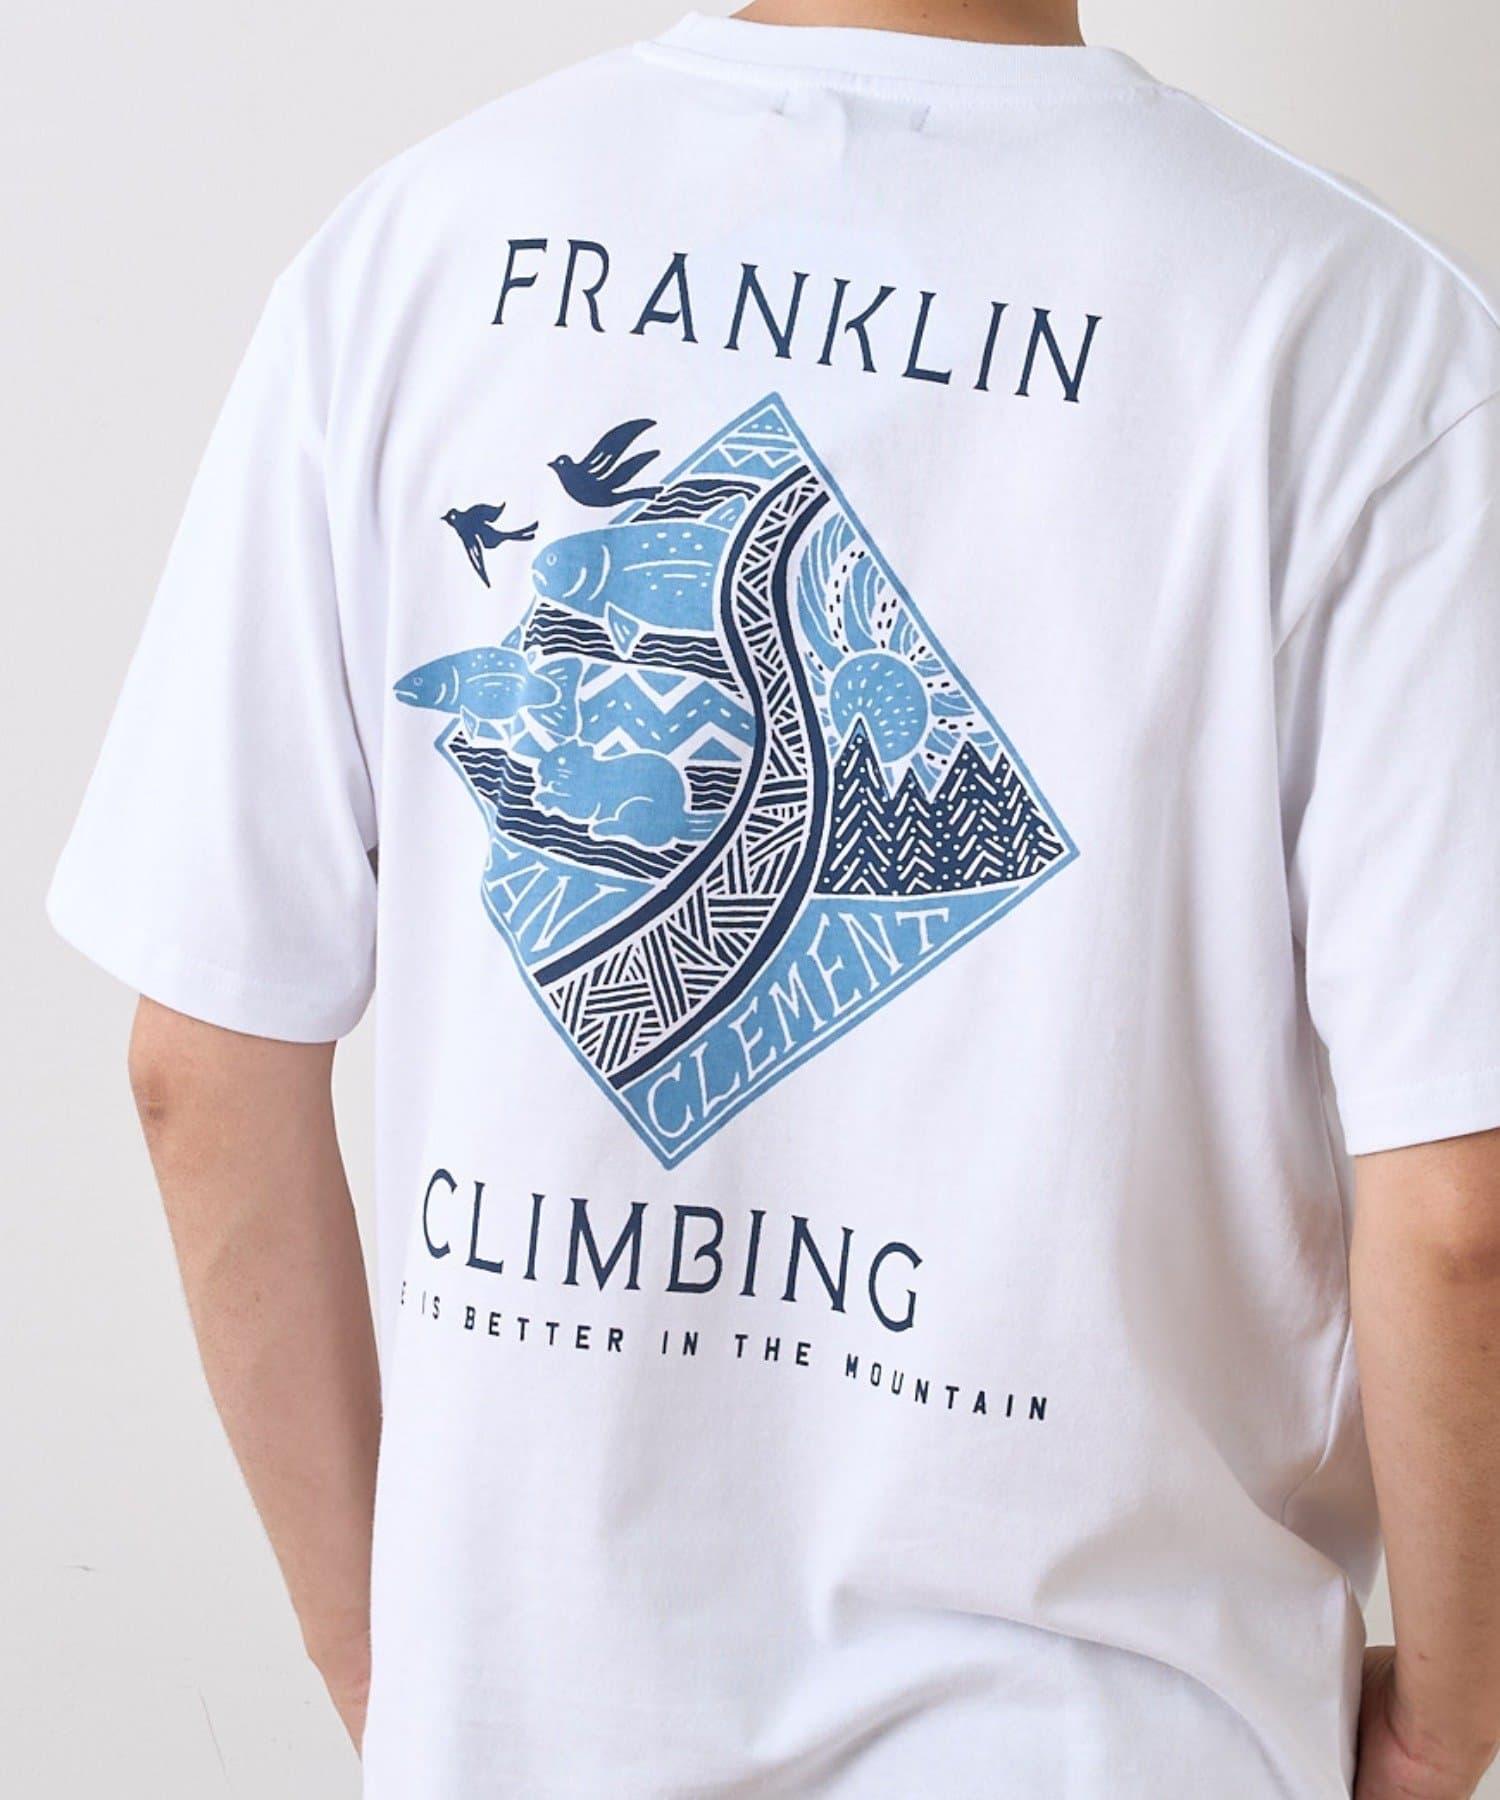 CIAOPANIC TYPY(チャオパニックティピー) 【Franklin Climbing】グラフィックTEE